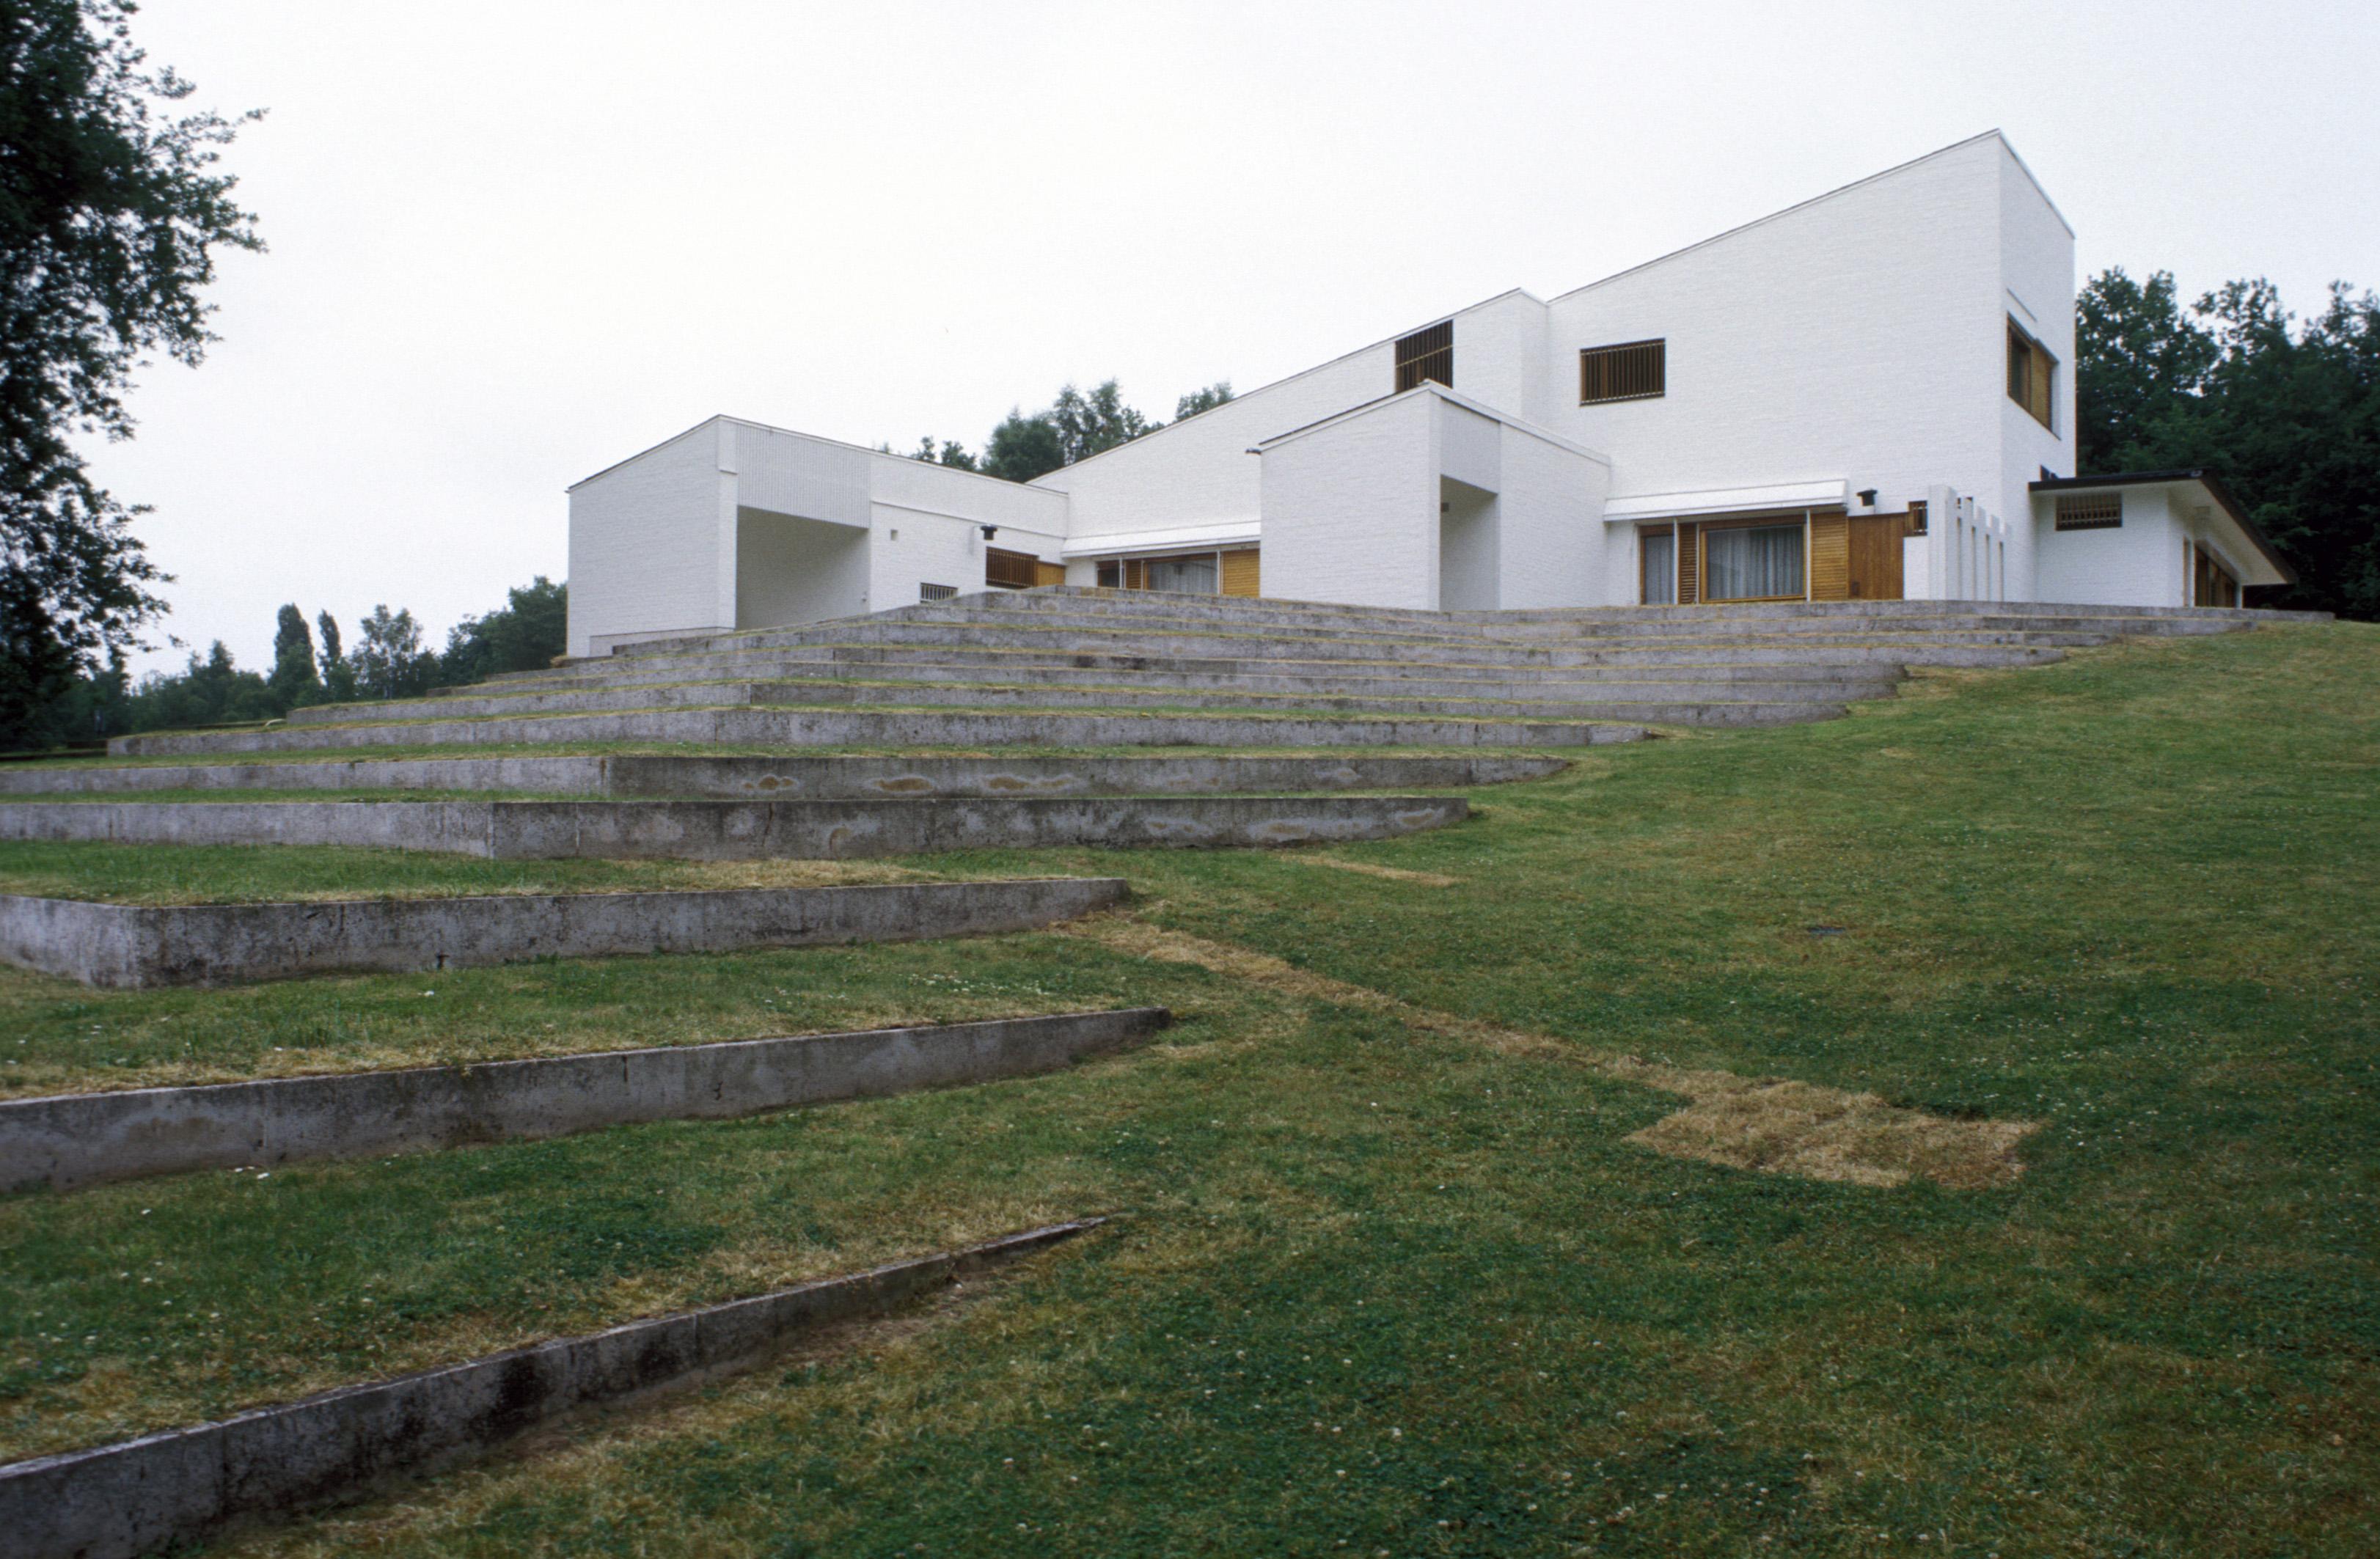 Maison louis carr finnish architecture navigator for Carre maison